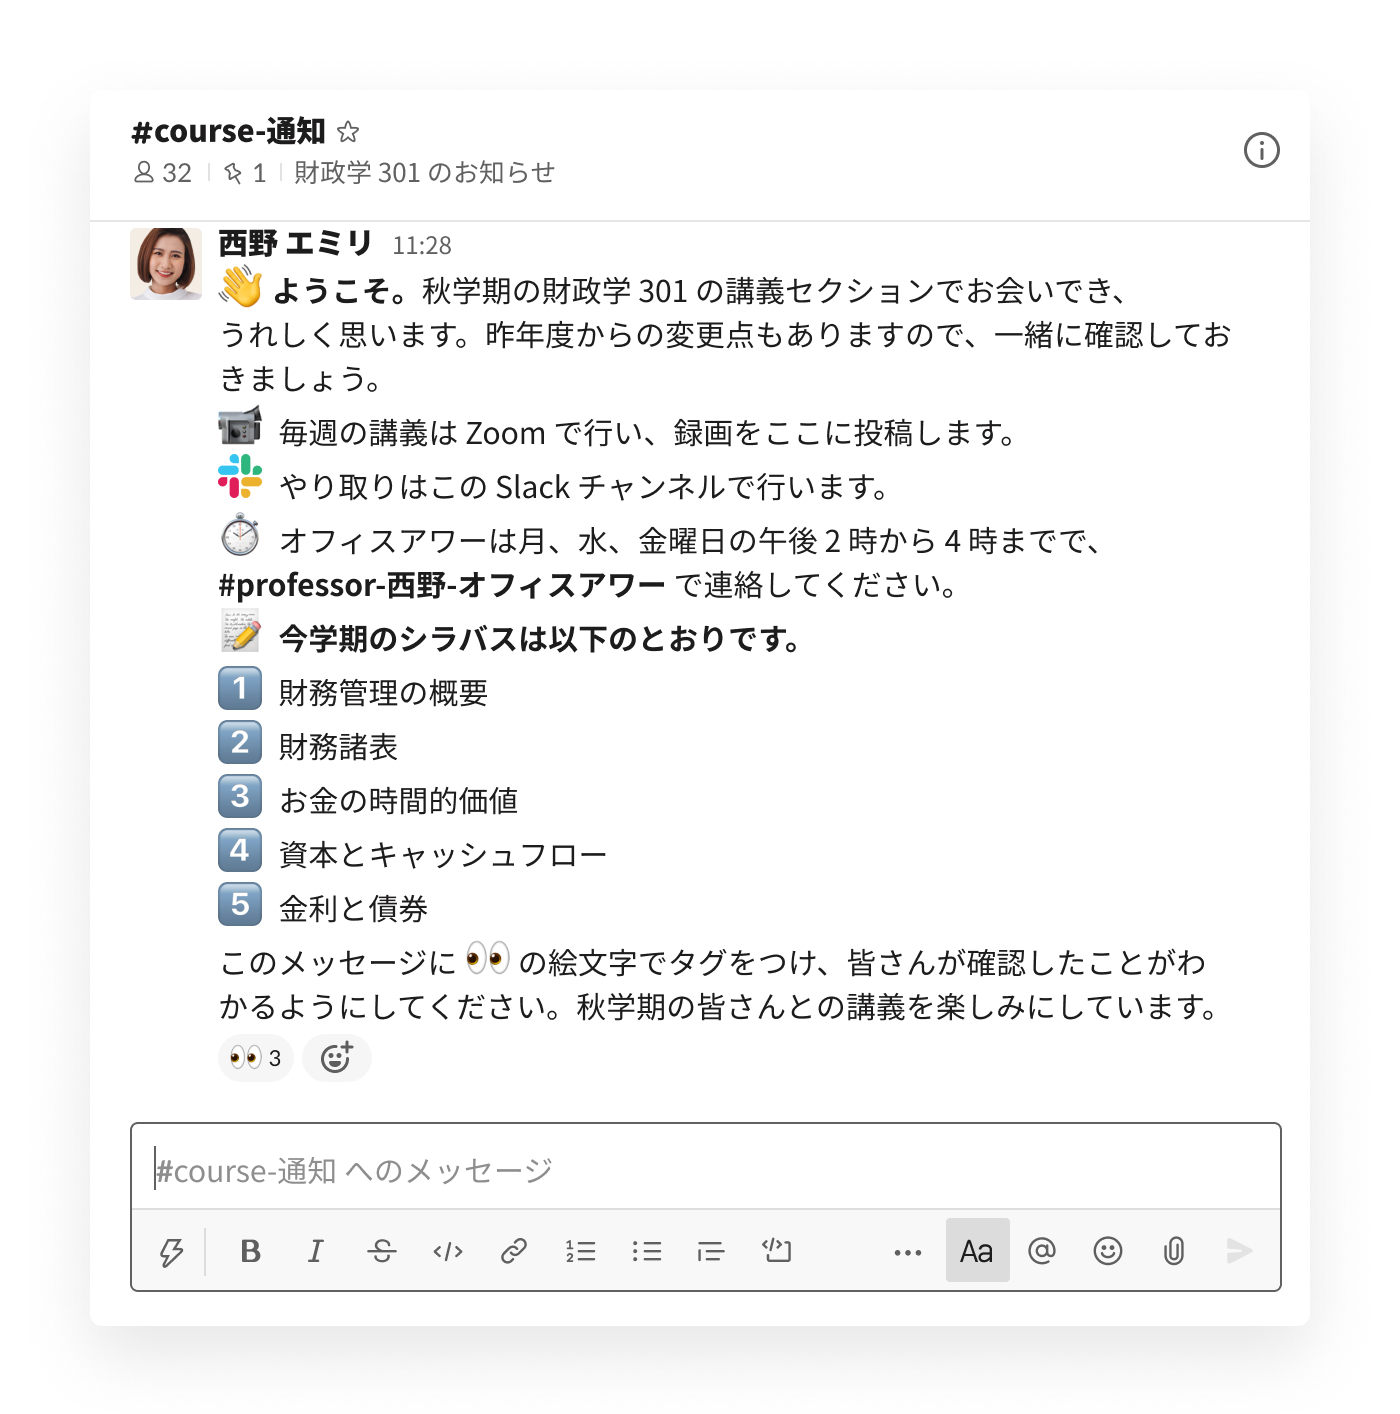 Slack チャンネル内での講師からのお知らせ